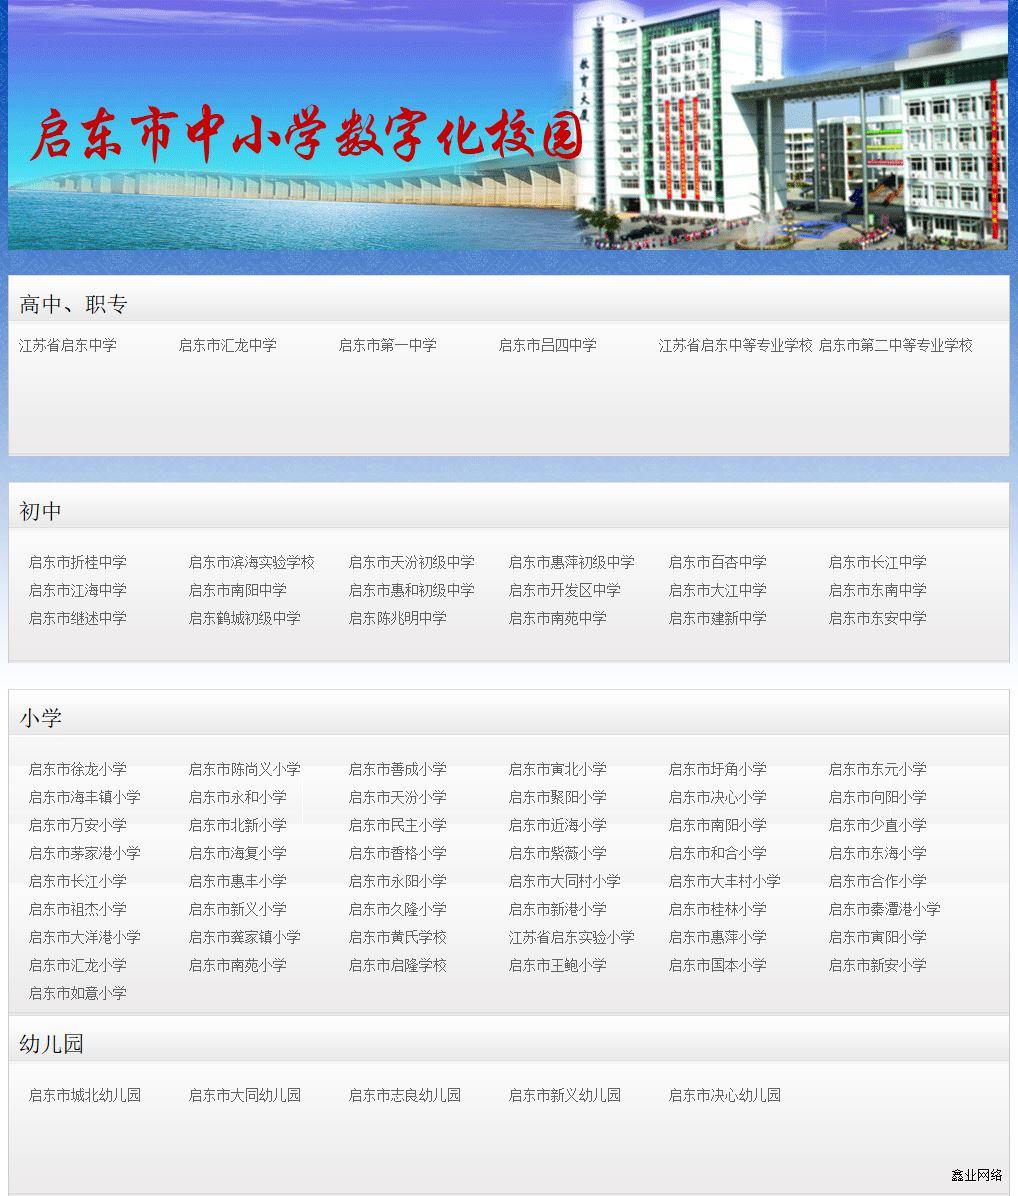 启东市学校网站群-数字化校园.jpg